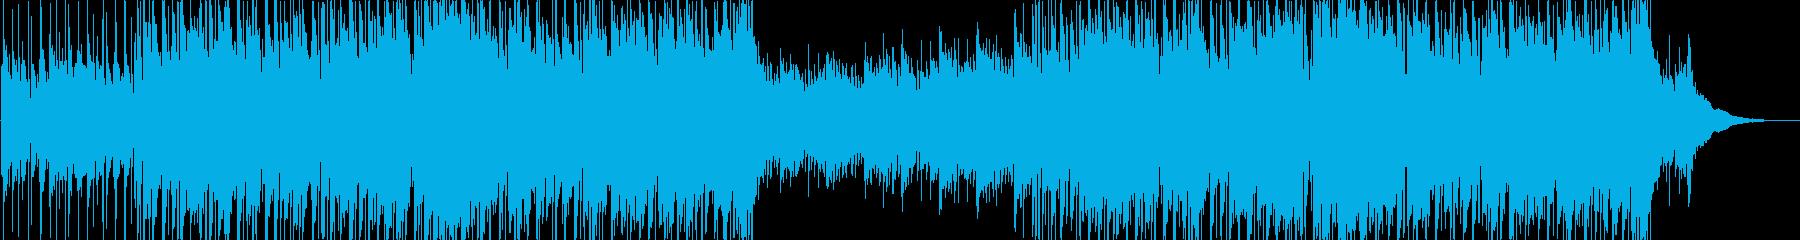 リズミカルで可愛いアコースティックポップの再生済みの波形